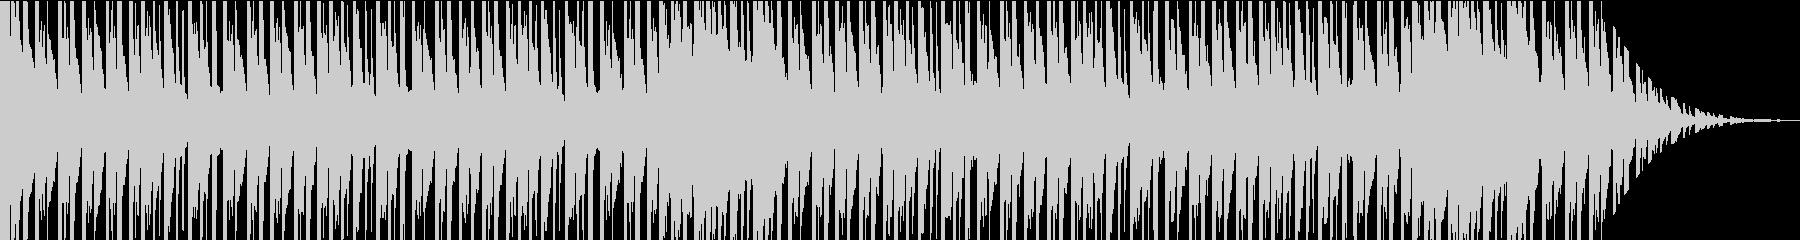 30秒・パーカッション・ワークアウトの未再生の波形